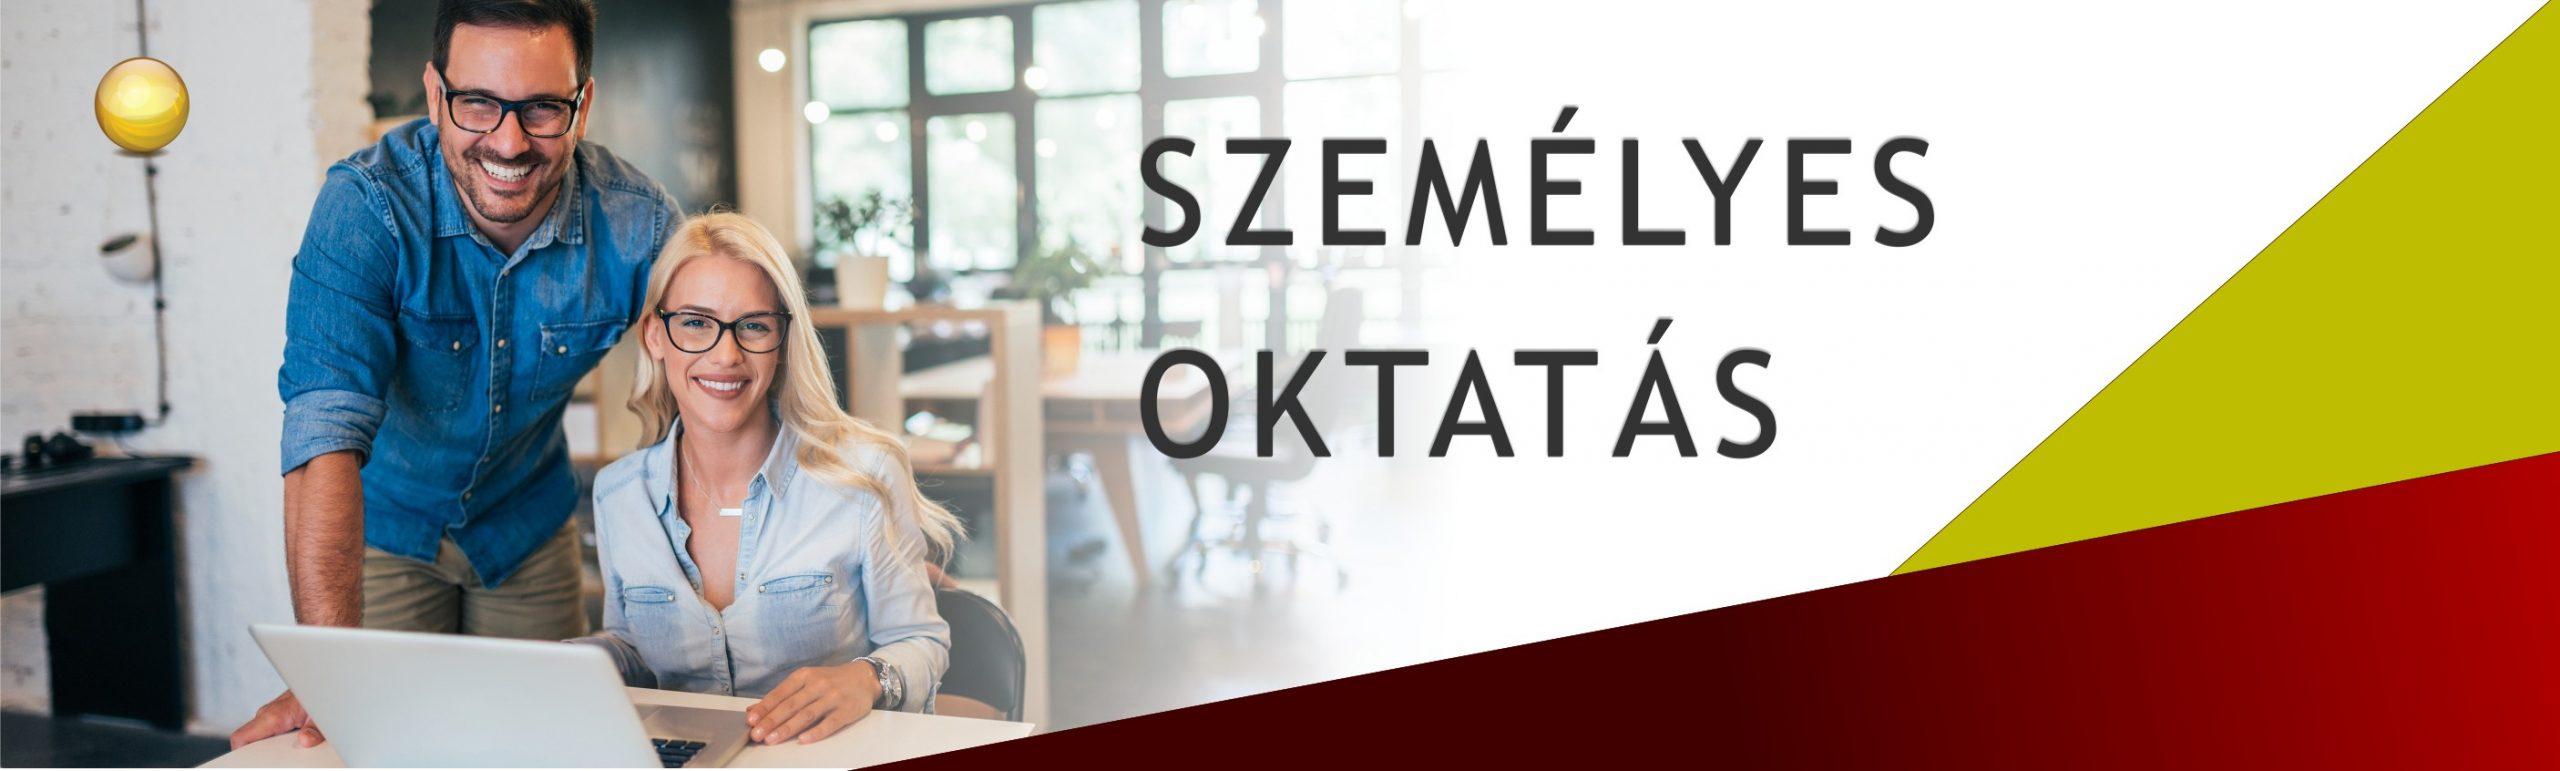 SZEMÉLYES OKTATÁS